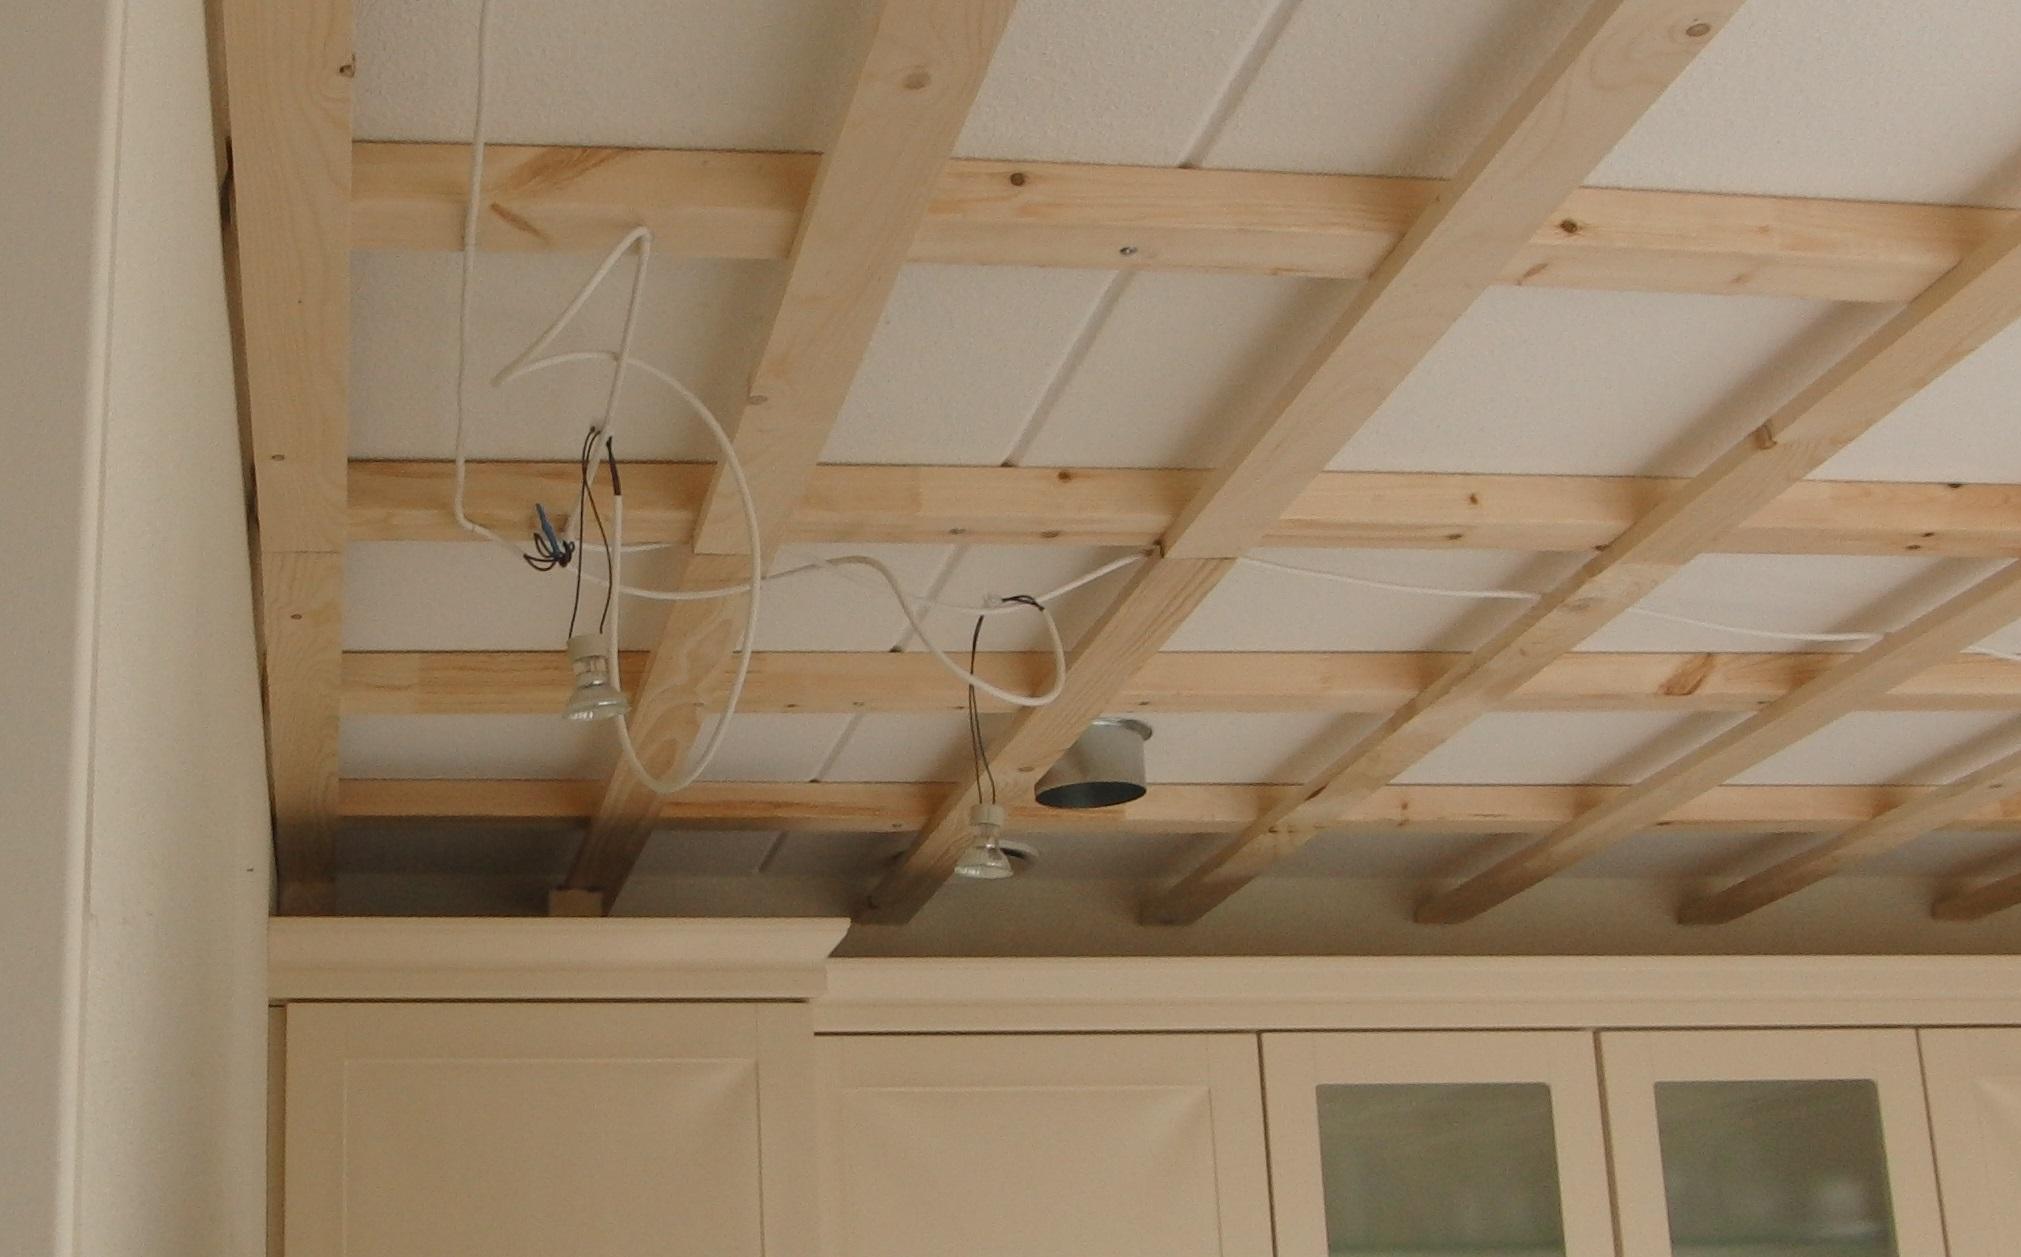 Inbouwspots plafond badkamer archidev